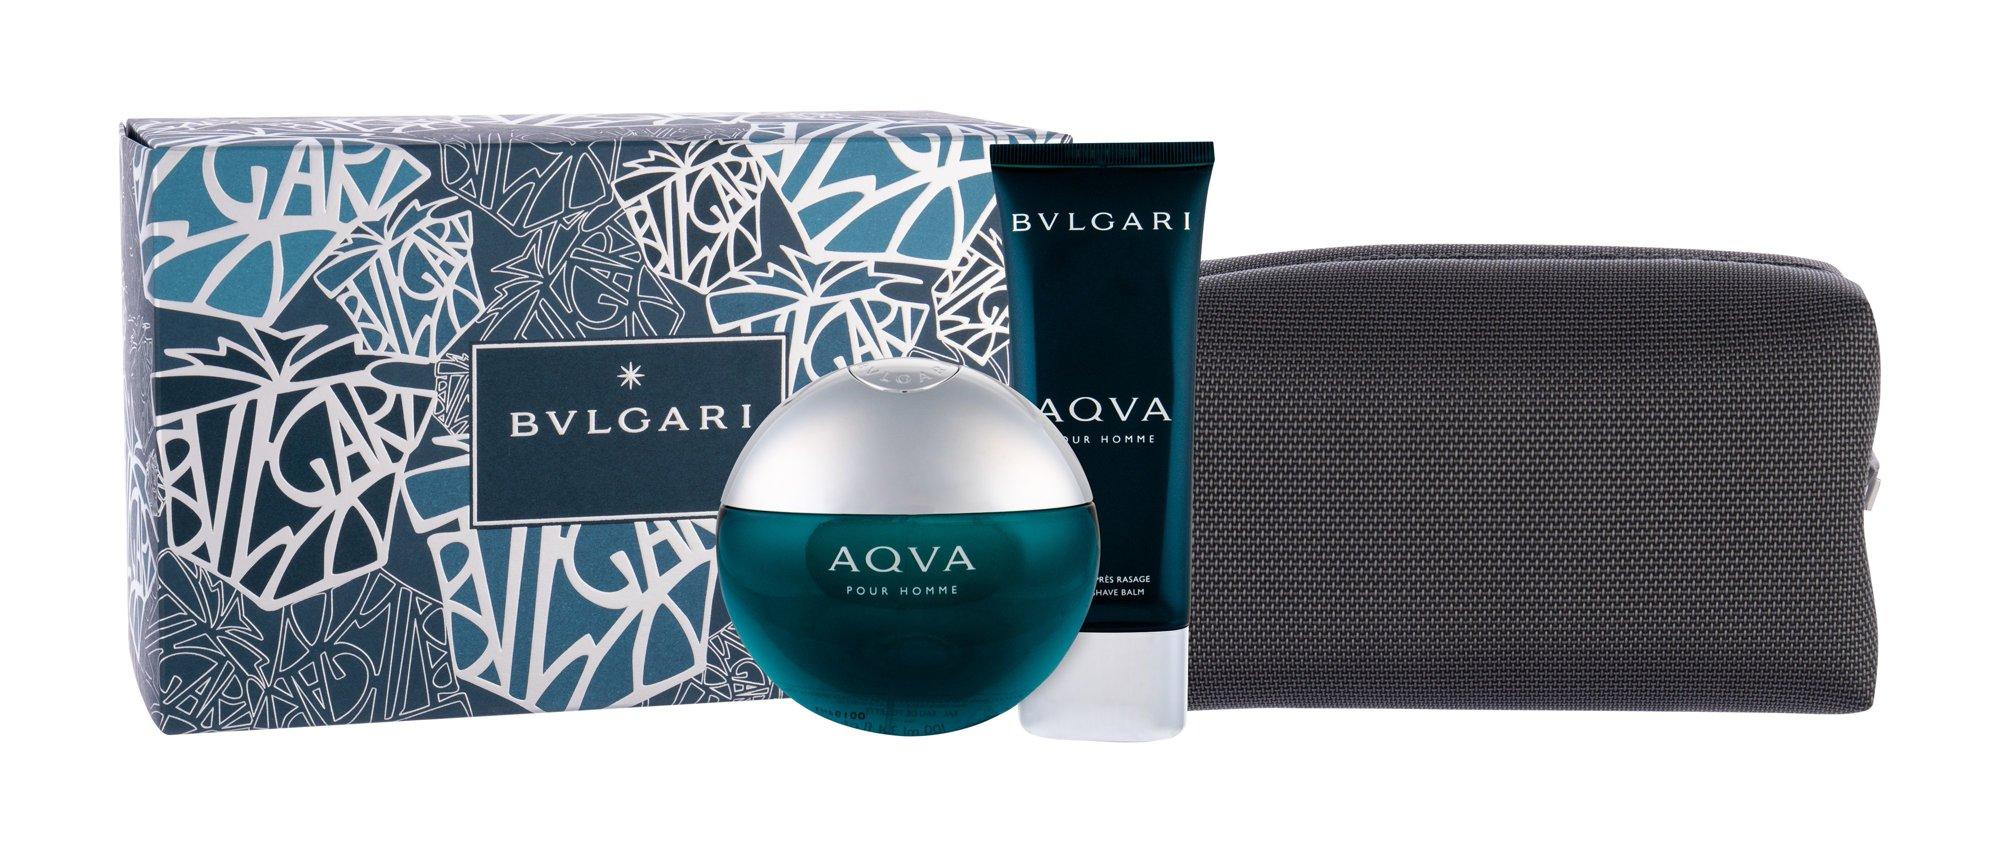 Bvlgari Aqva Pour Homme, toaletná voda 100 ml + balzam po holení 100 ml + kozmetická taška